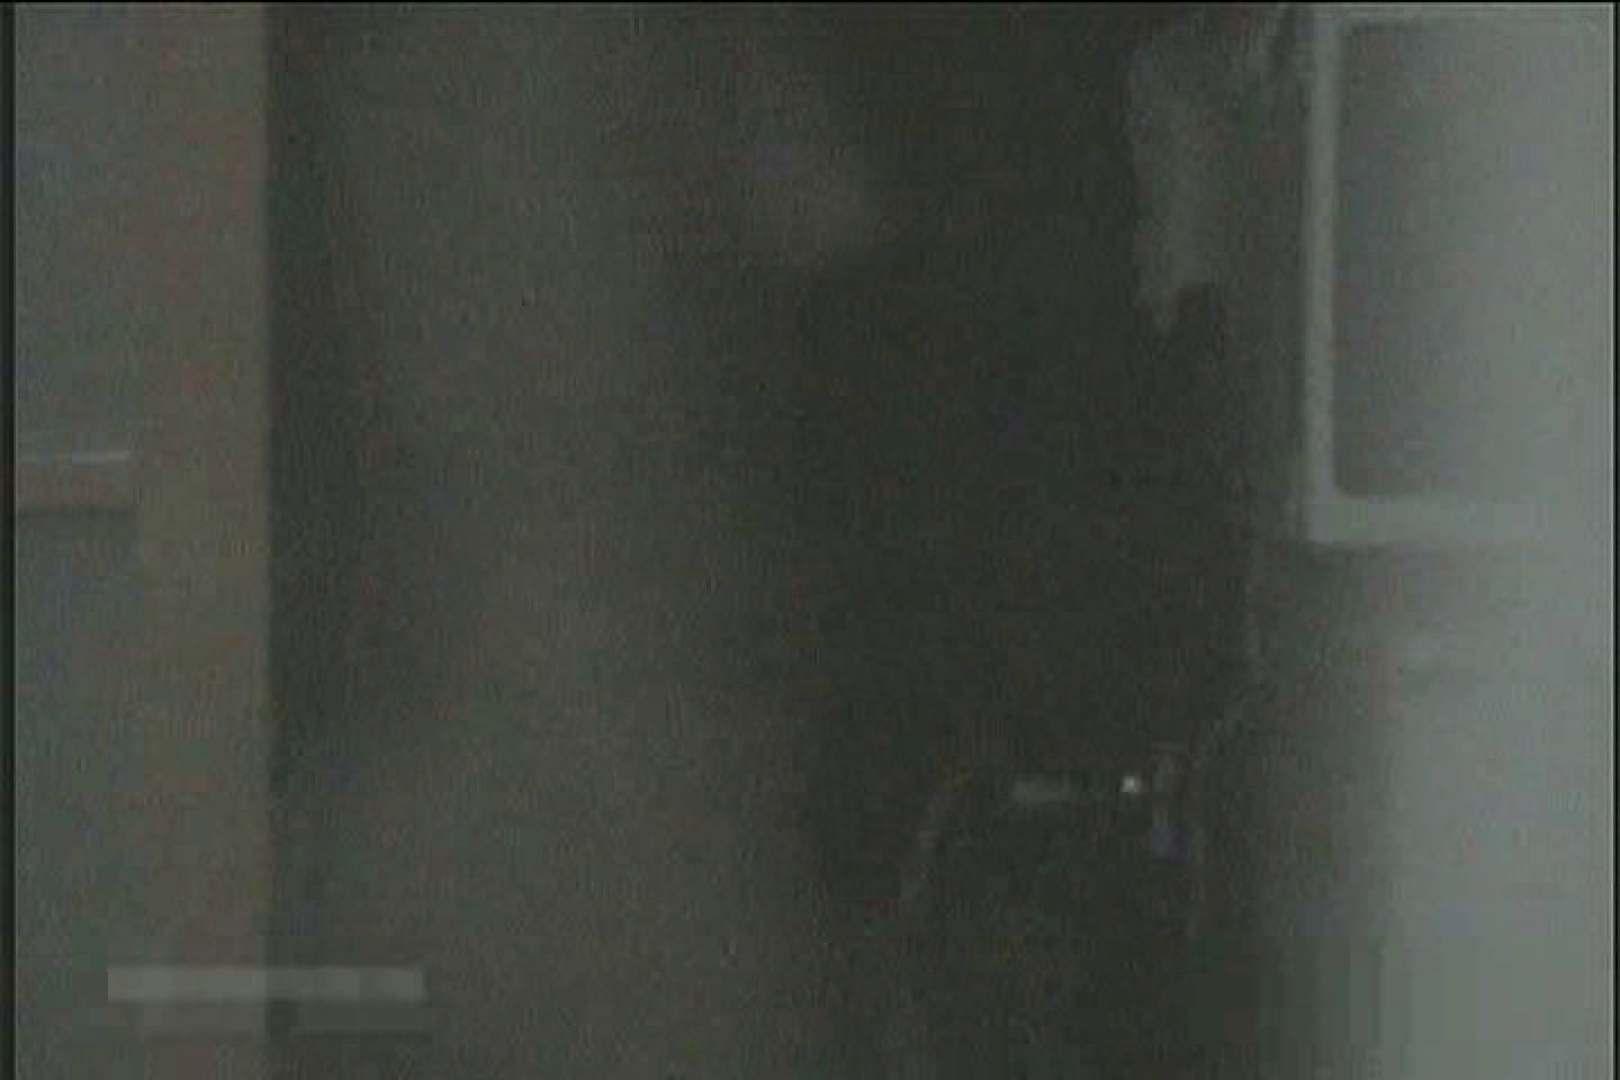 激撮ストーカー記録あなたのお宅拝見しますVol.7 セックス流出映像 濡れ場動画紹介 86連発 14